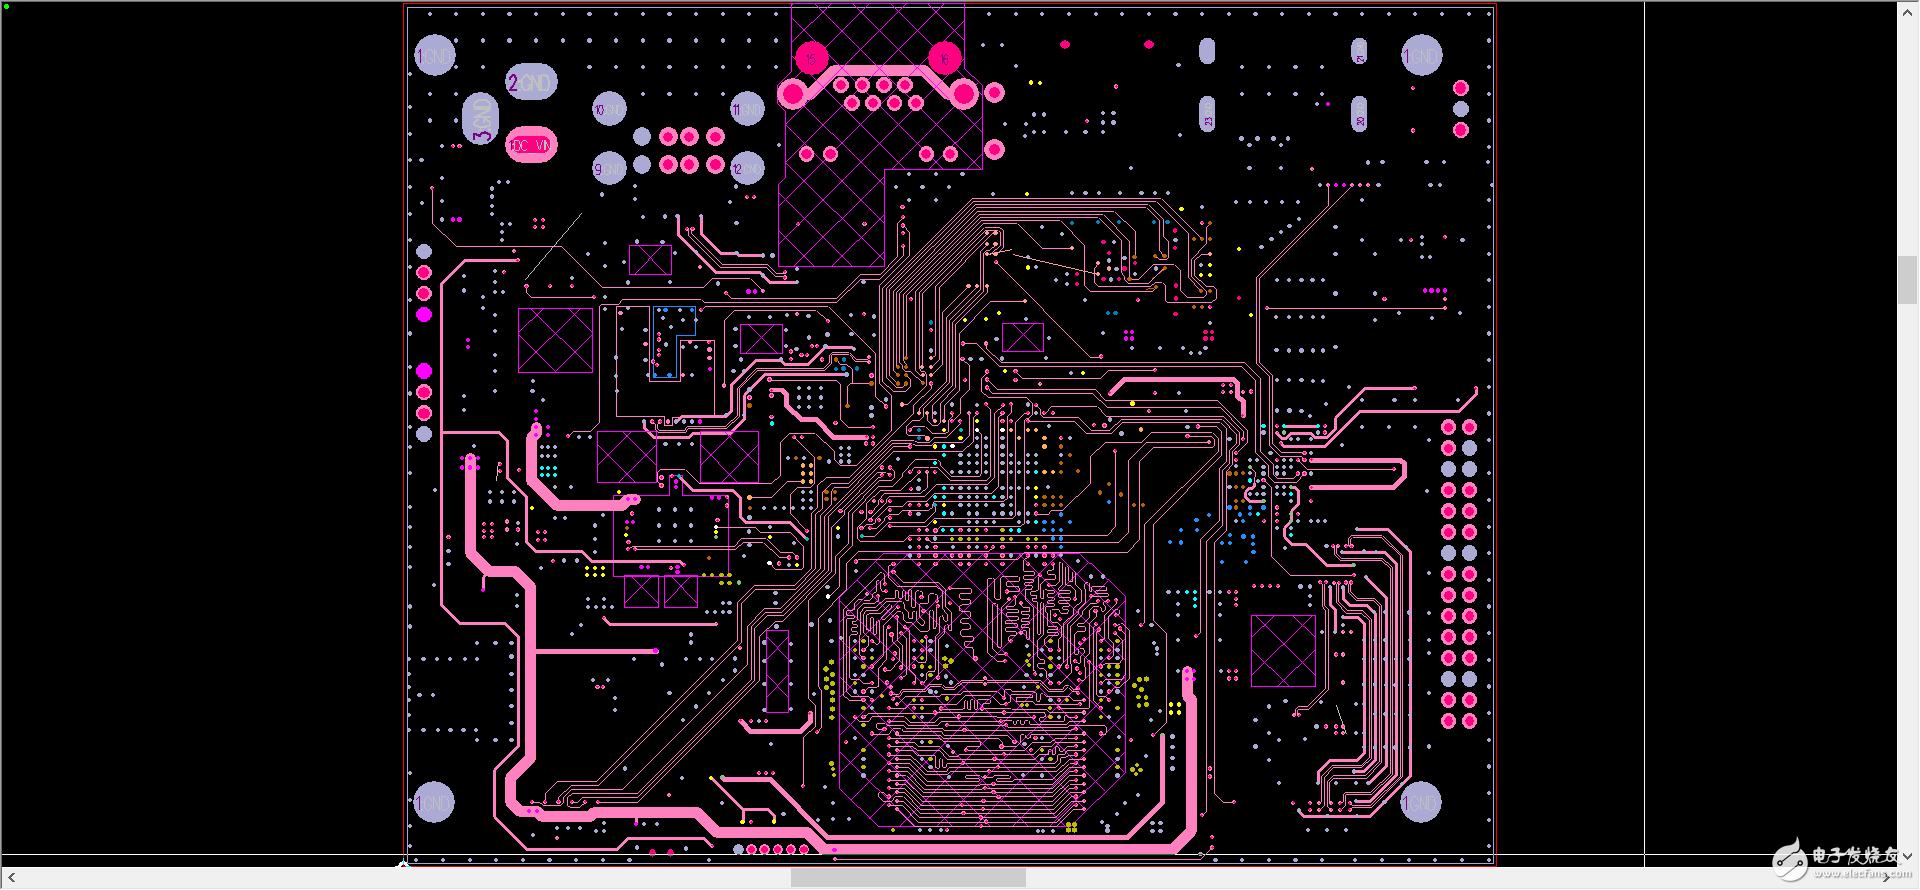 【PCB设计大赛】RK3188工控主板